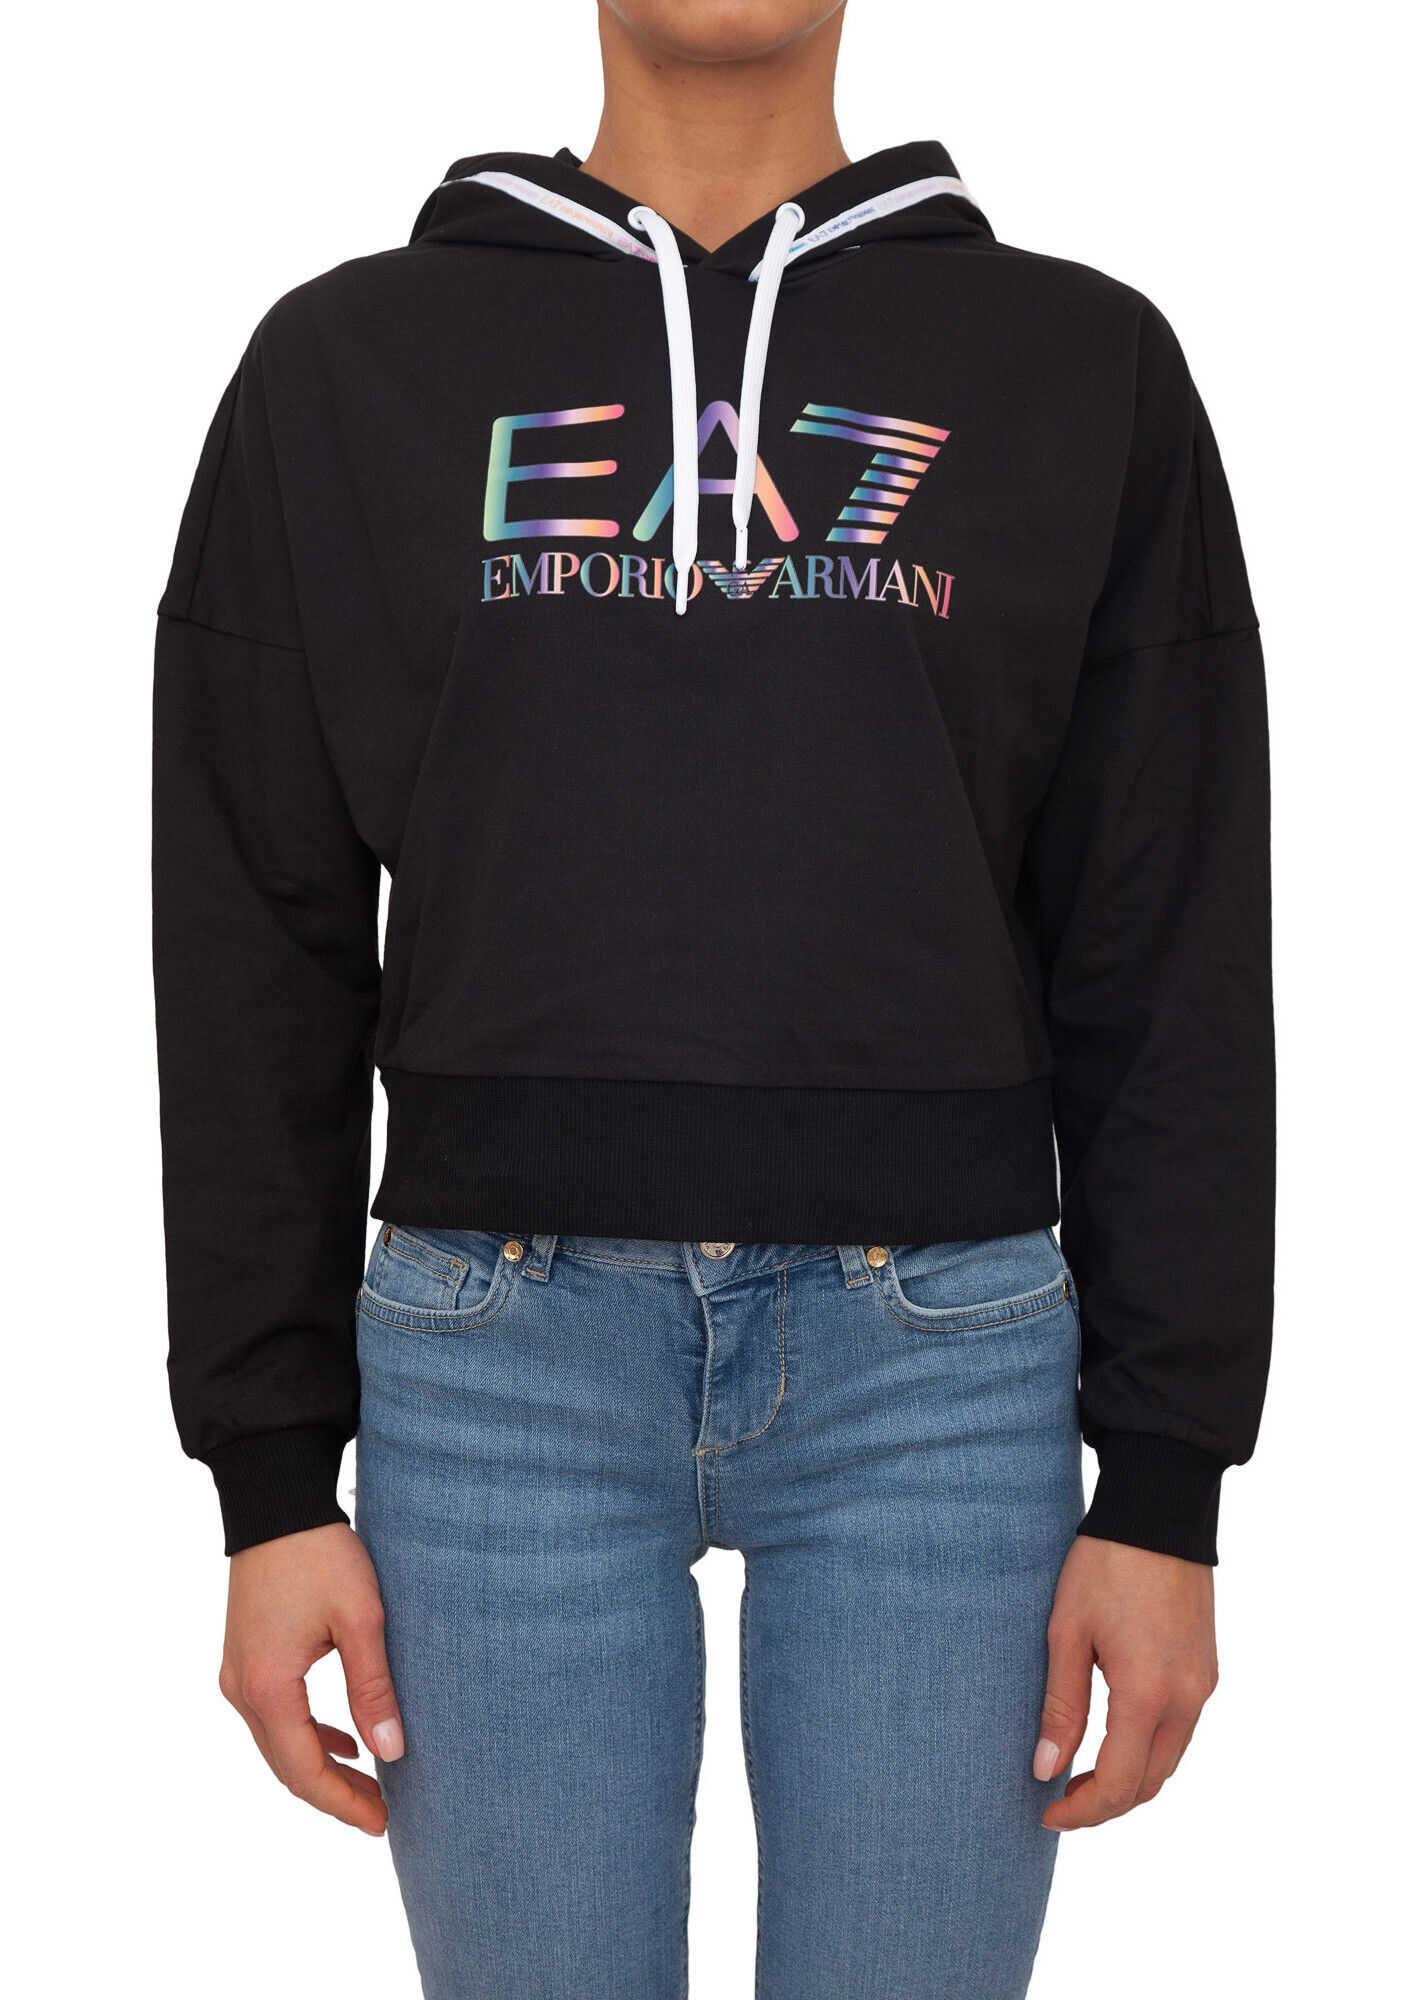 EA7 E0B27744 BLACK